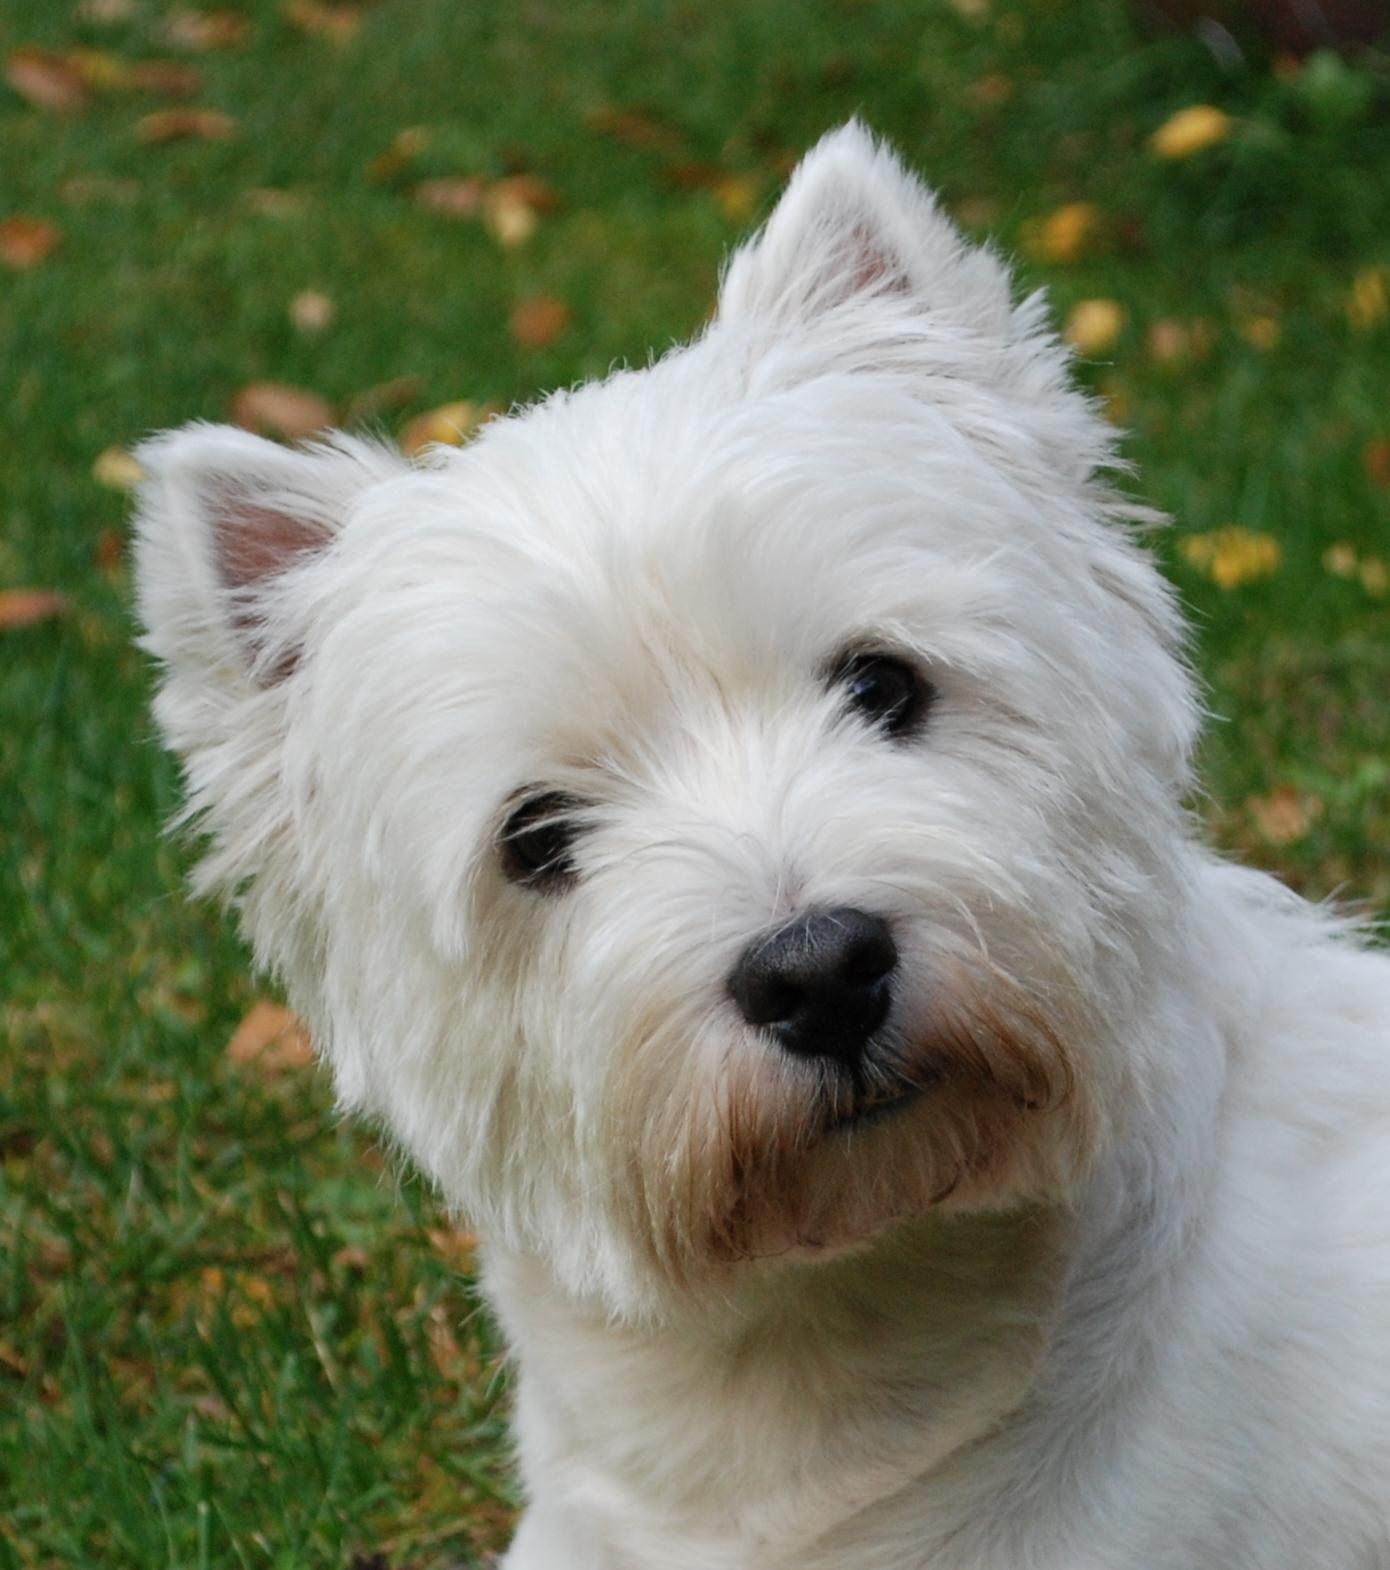 Valkoinen Pieni Koira